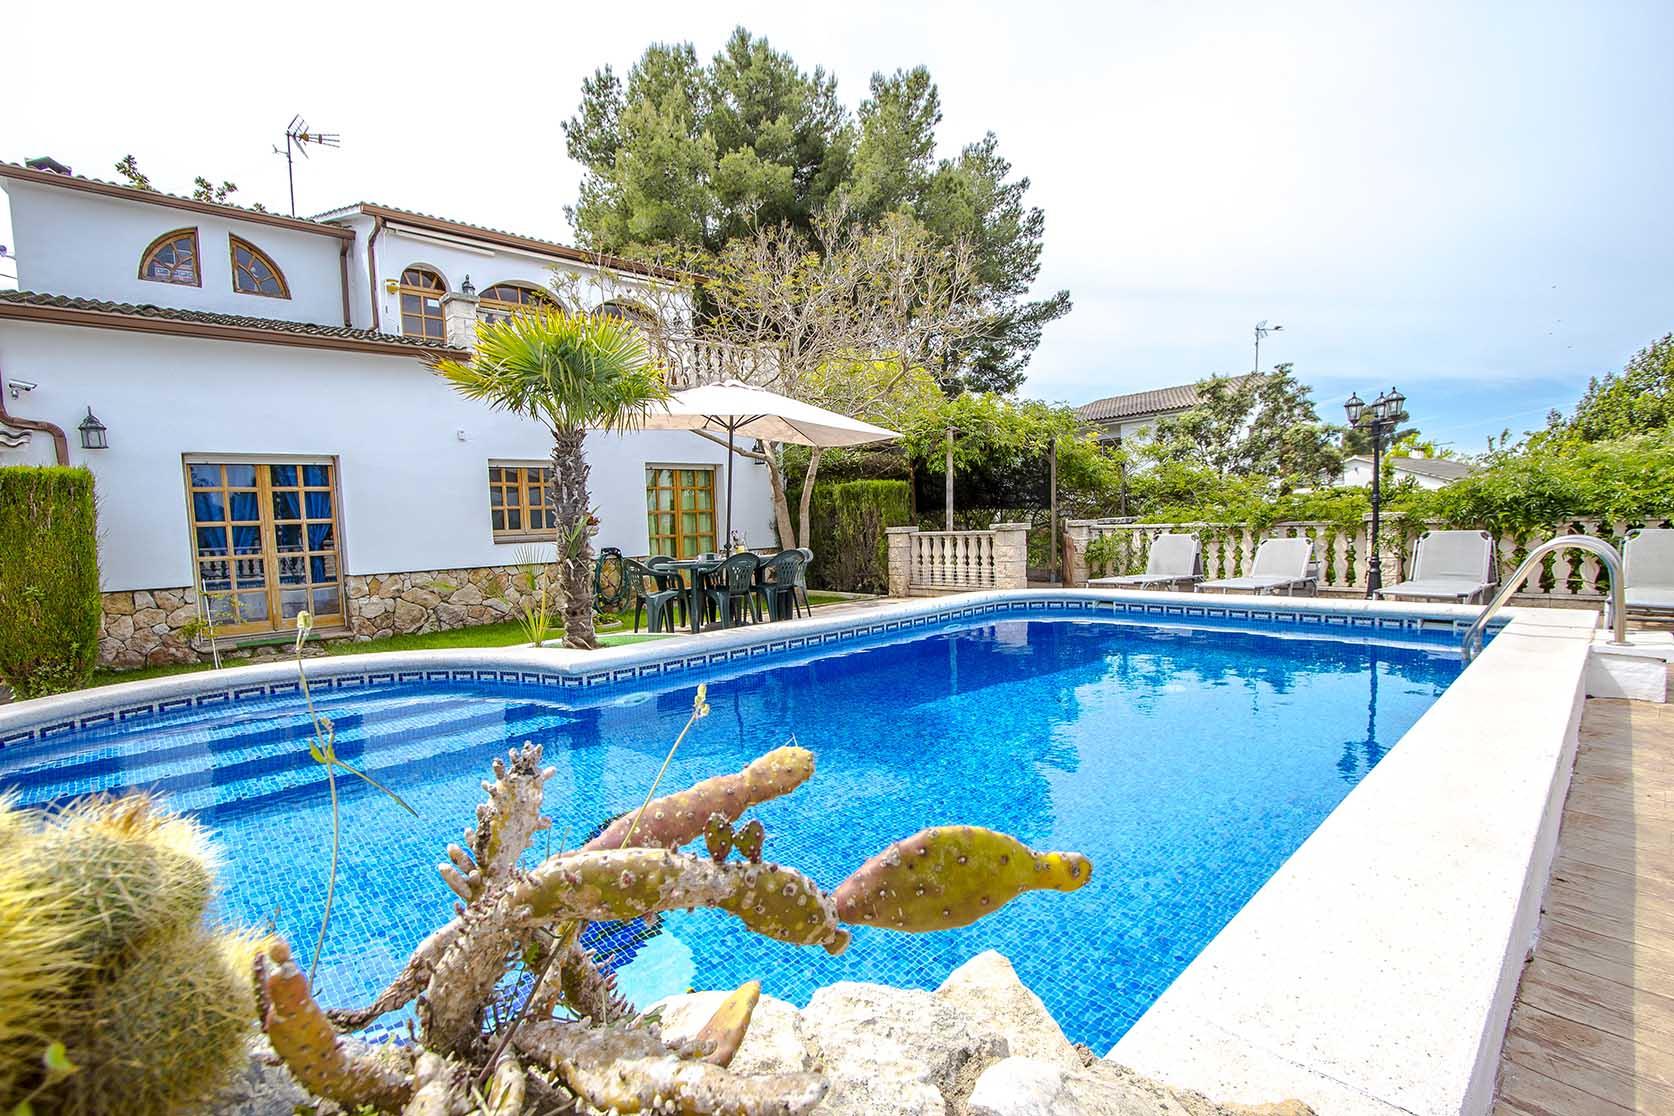 Ferienhaus Catalunya Casas: Lovely villa in Castellet, only 10 min to Costa Dorada beaches! (1890850), Castellet i la Gornal, Costa del Garraf, Katalonien, Spanien, Bild 2